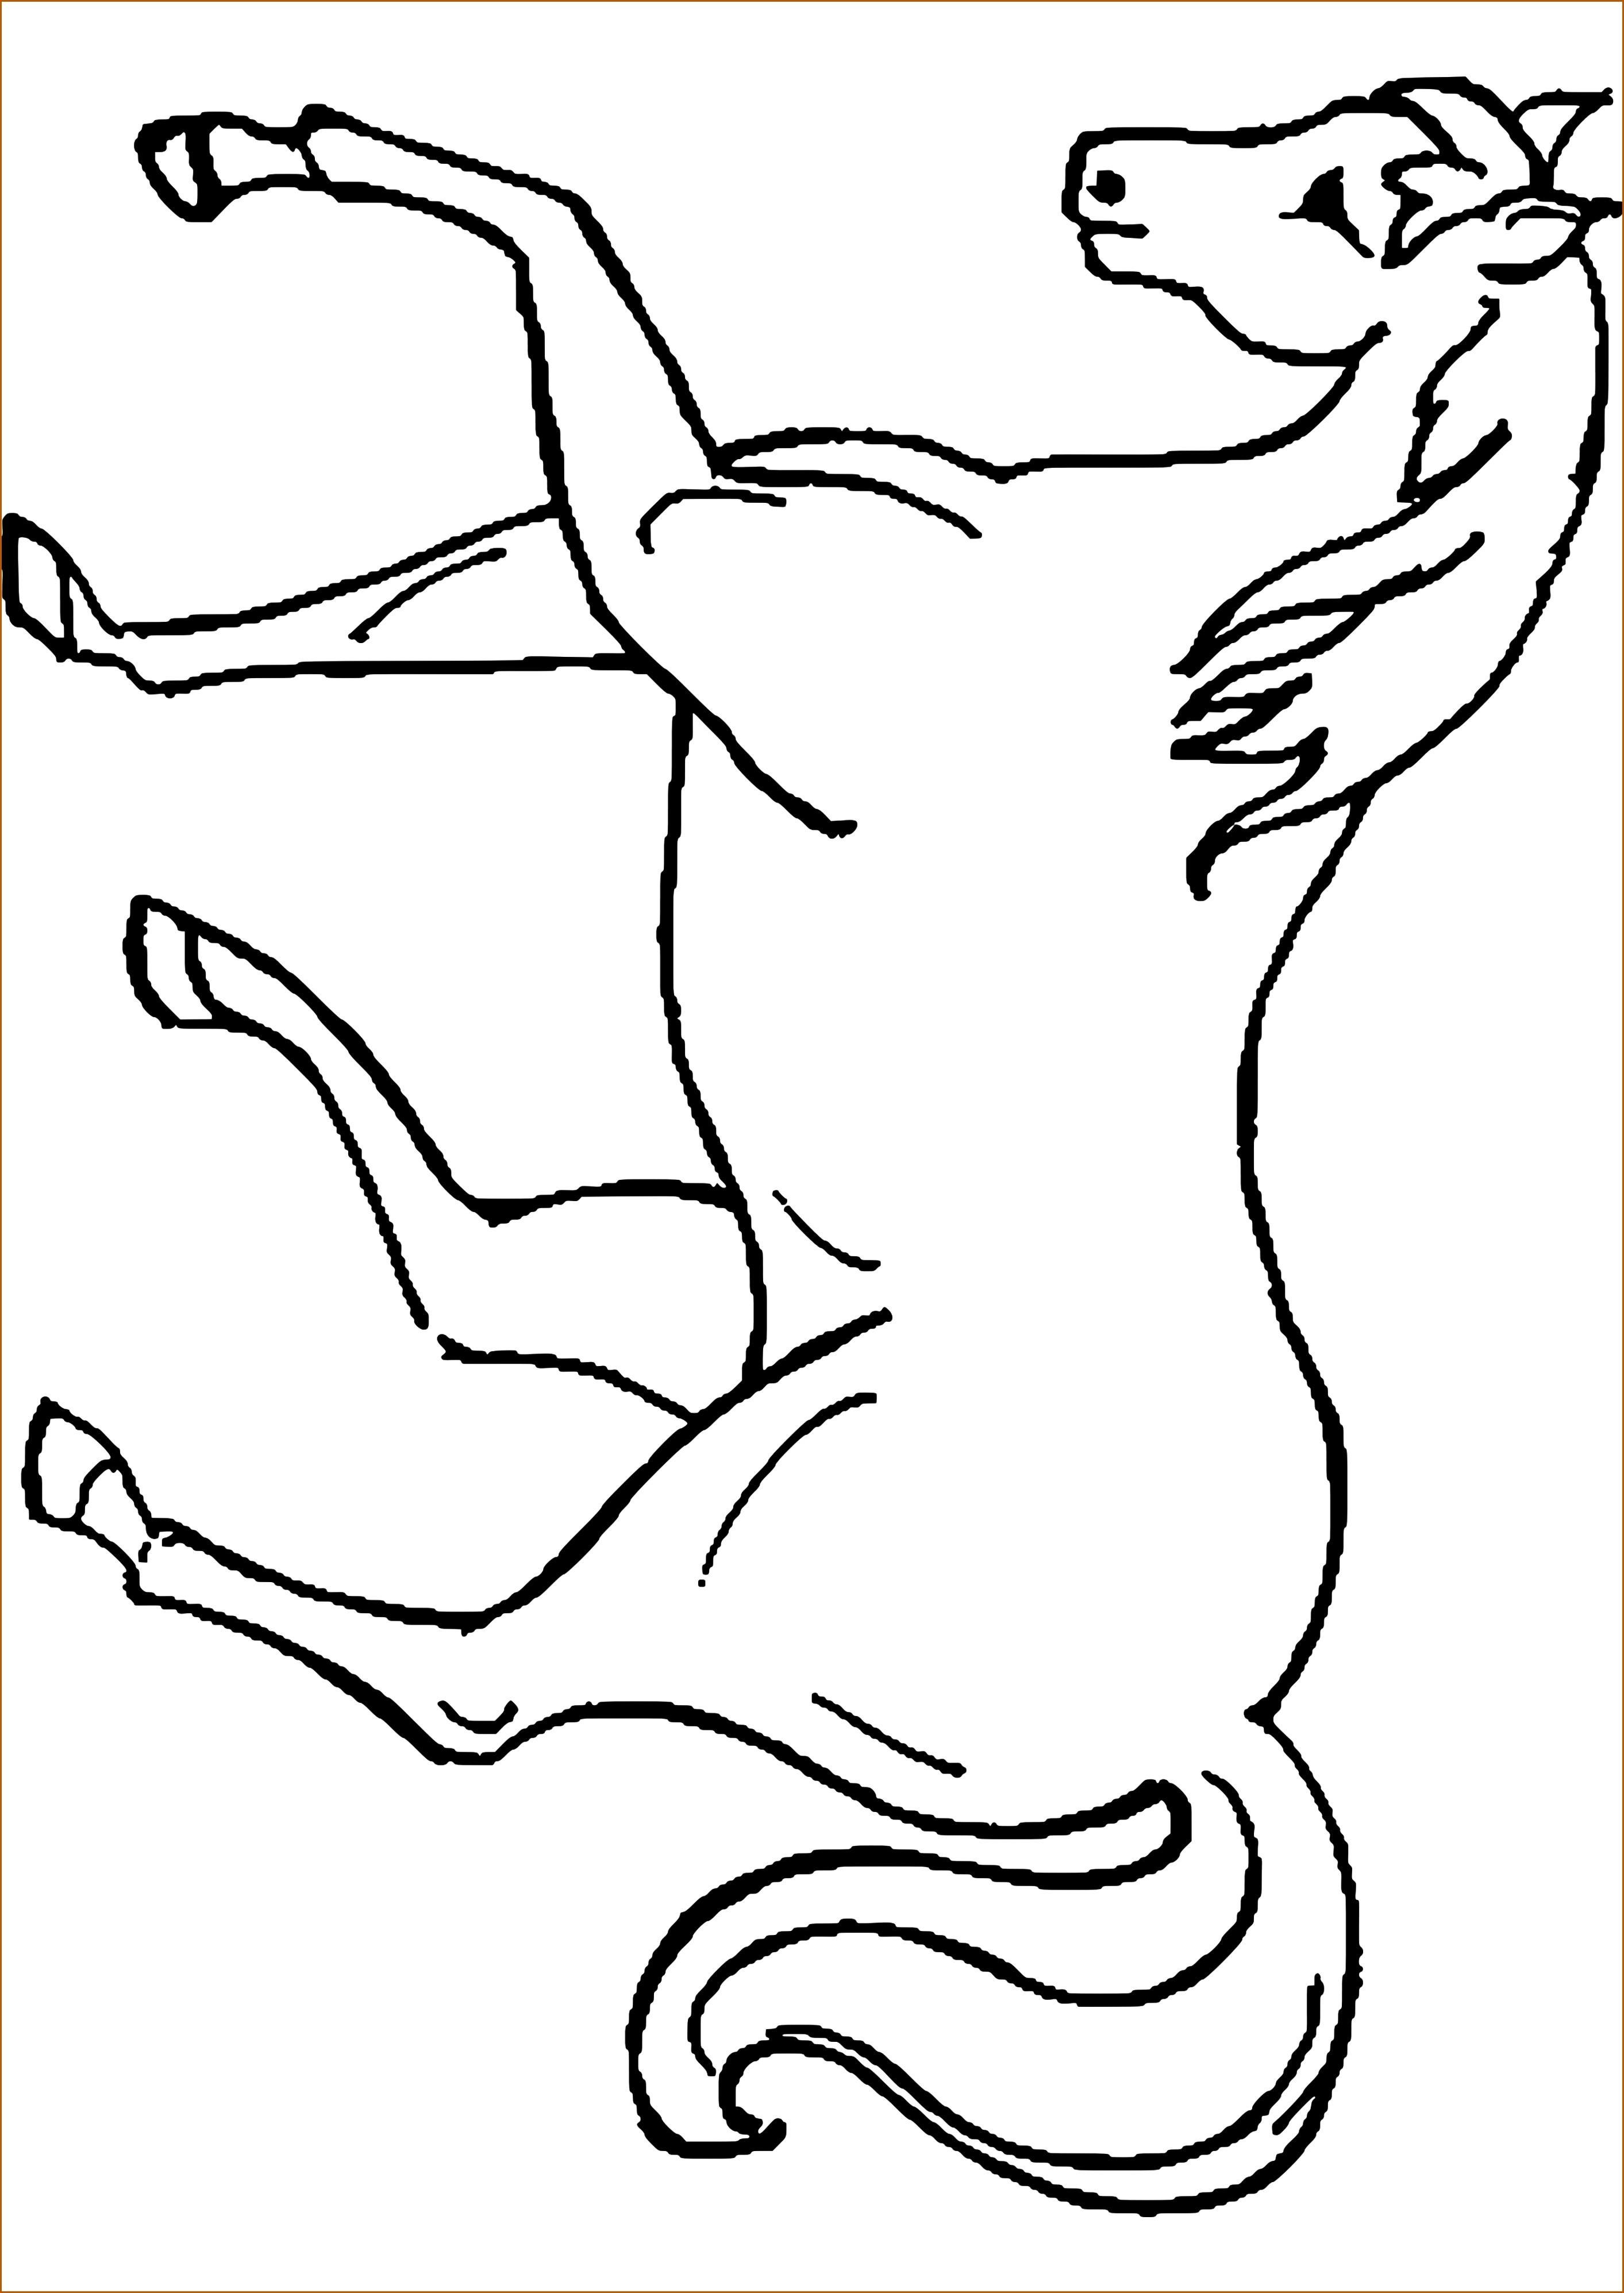 Ausmalbilder Weihnachten Für Kinder Genial 8 Drucken Von Malvorlagen Für Kinder Vorlagen123 Vorlagen123 Fotos